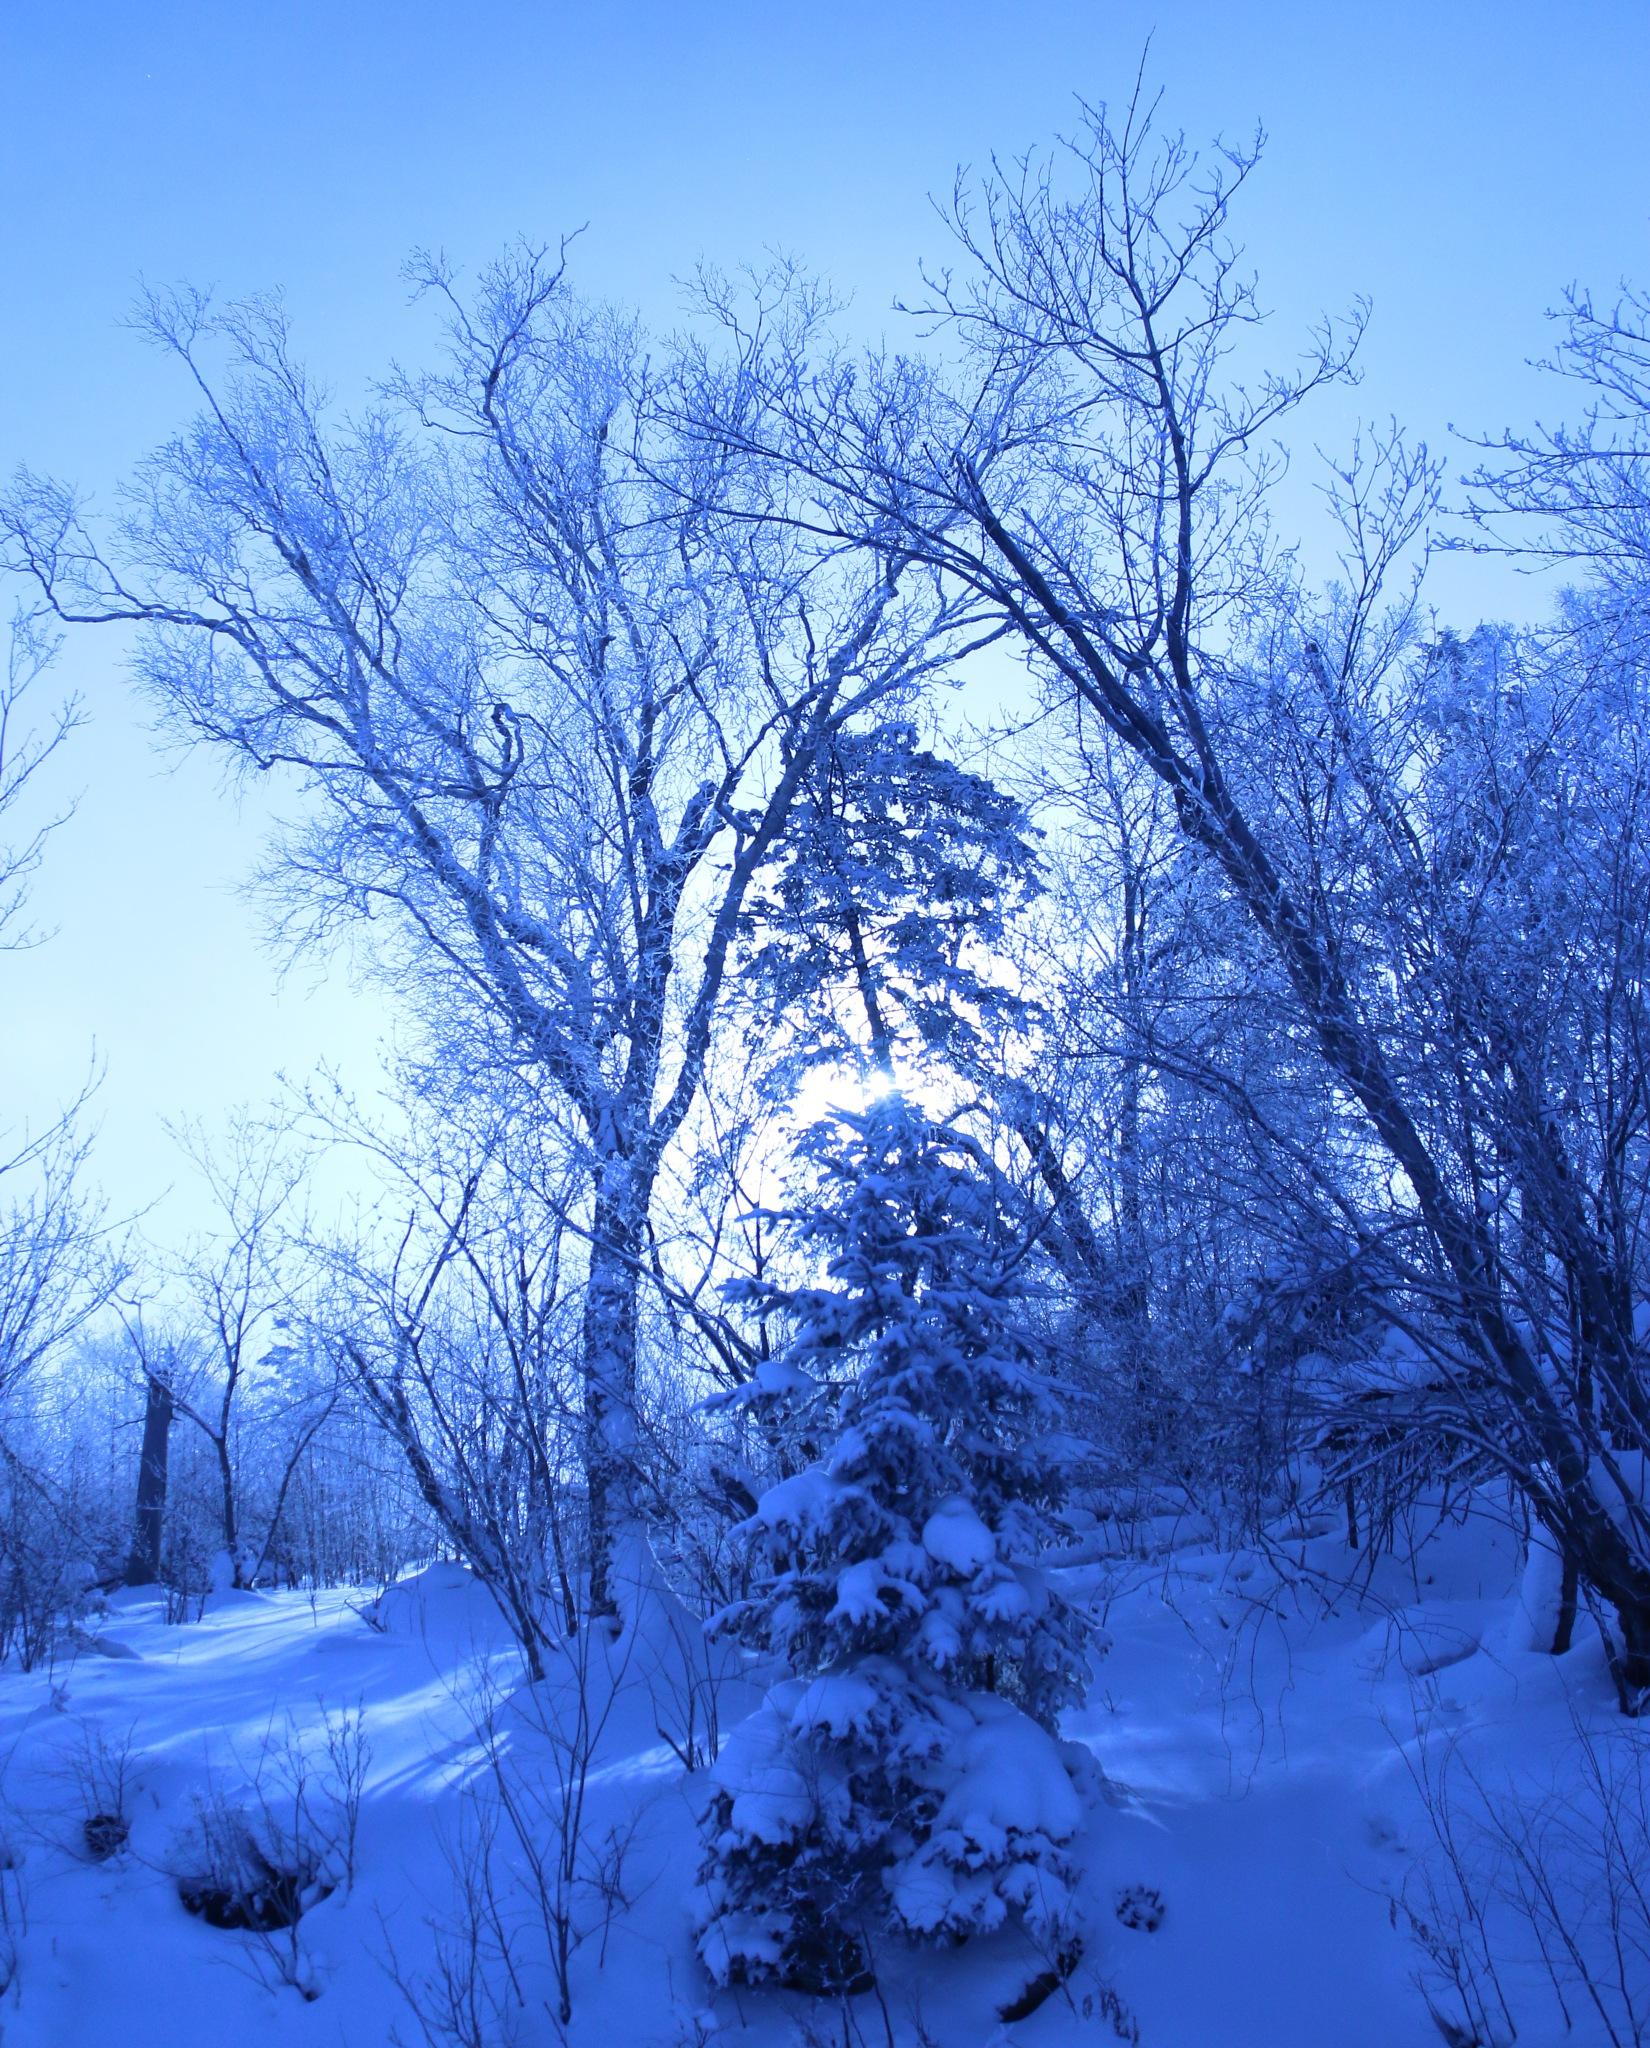 The sun in winter by liuxuewen